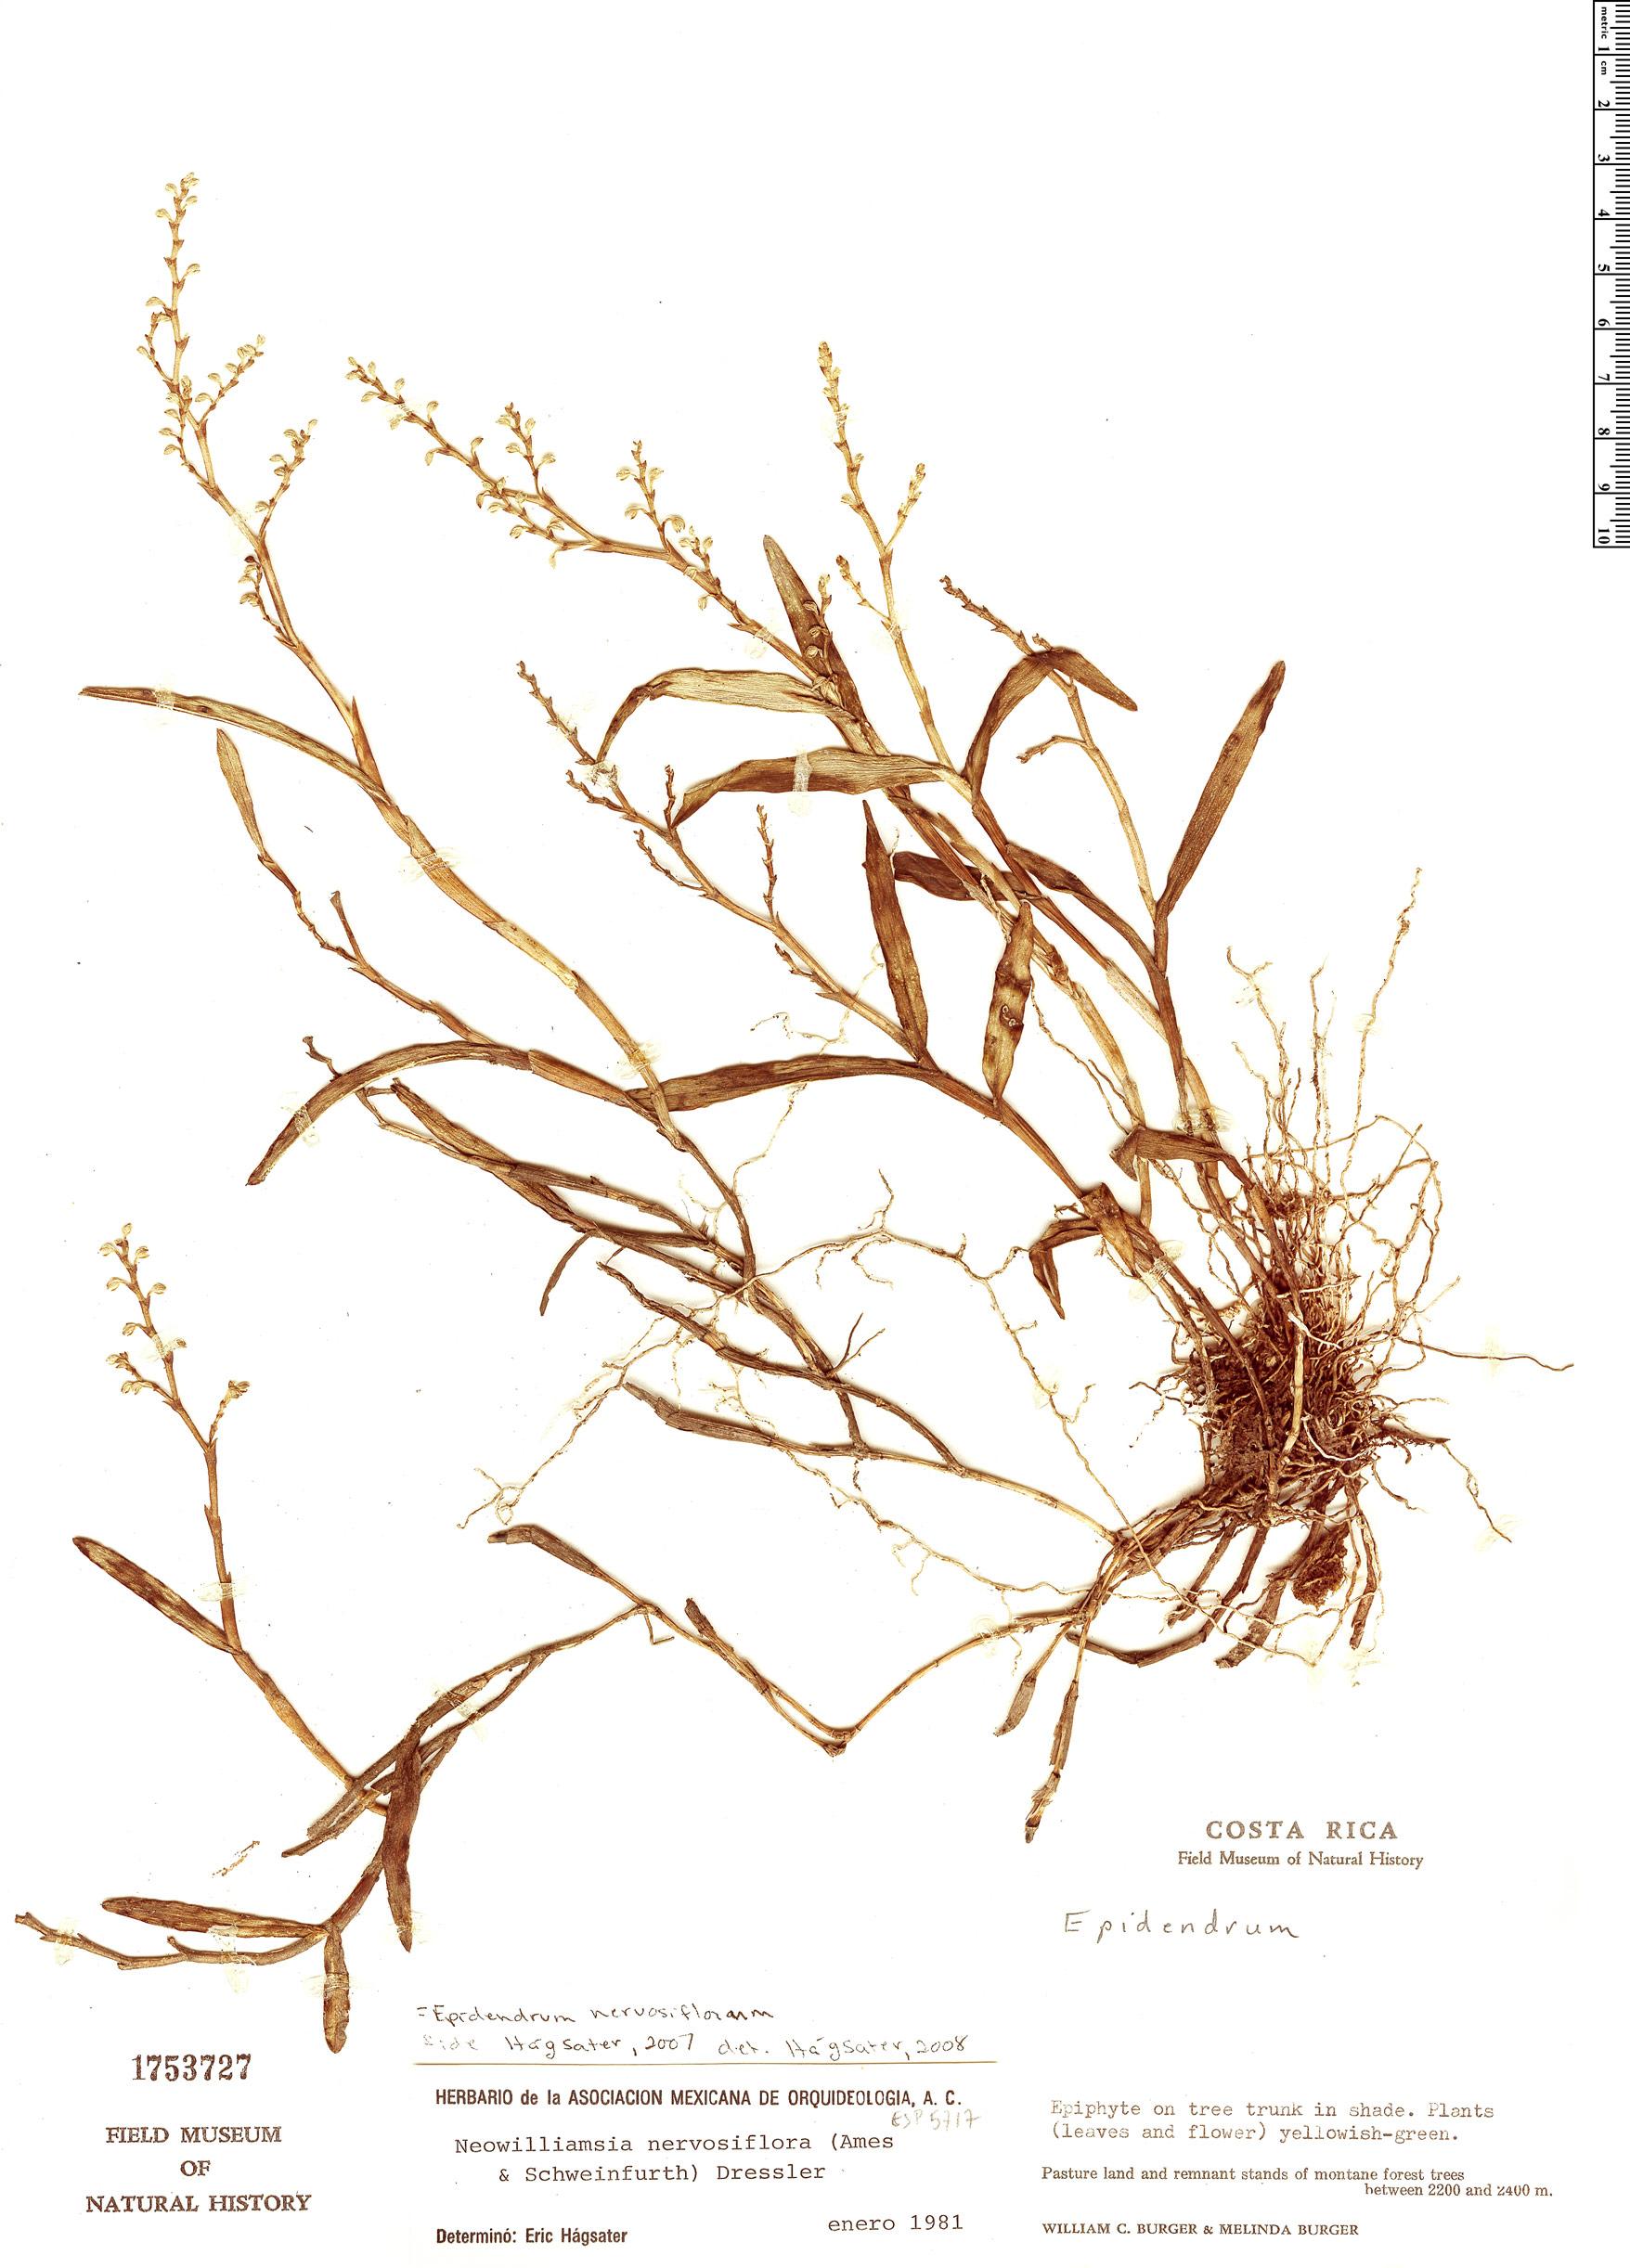 Specimen: Epidendrum nervosiflorum